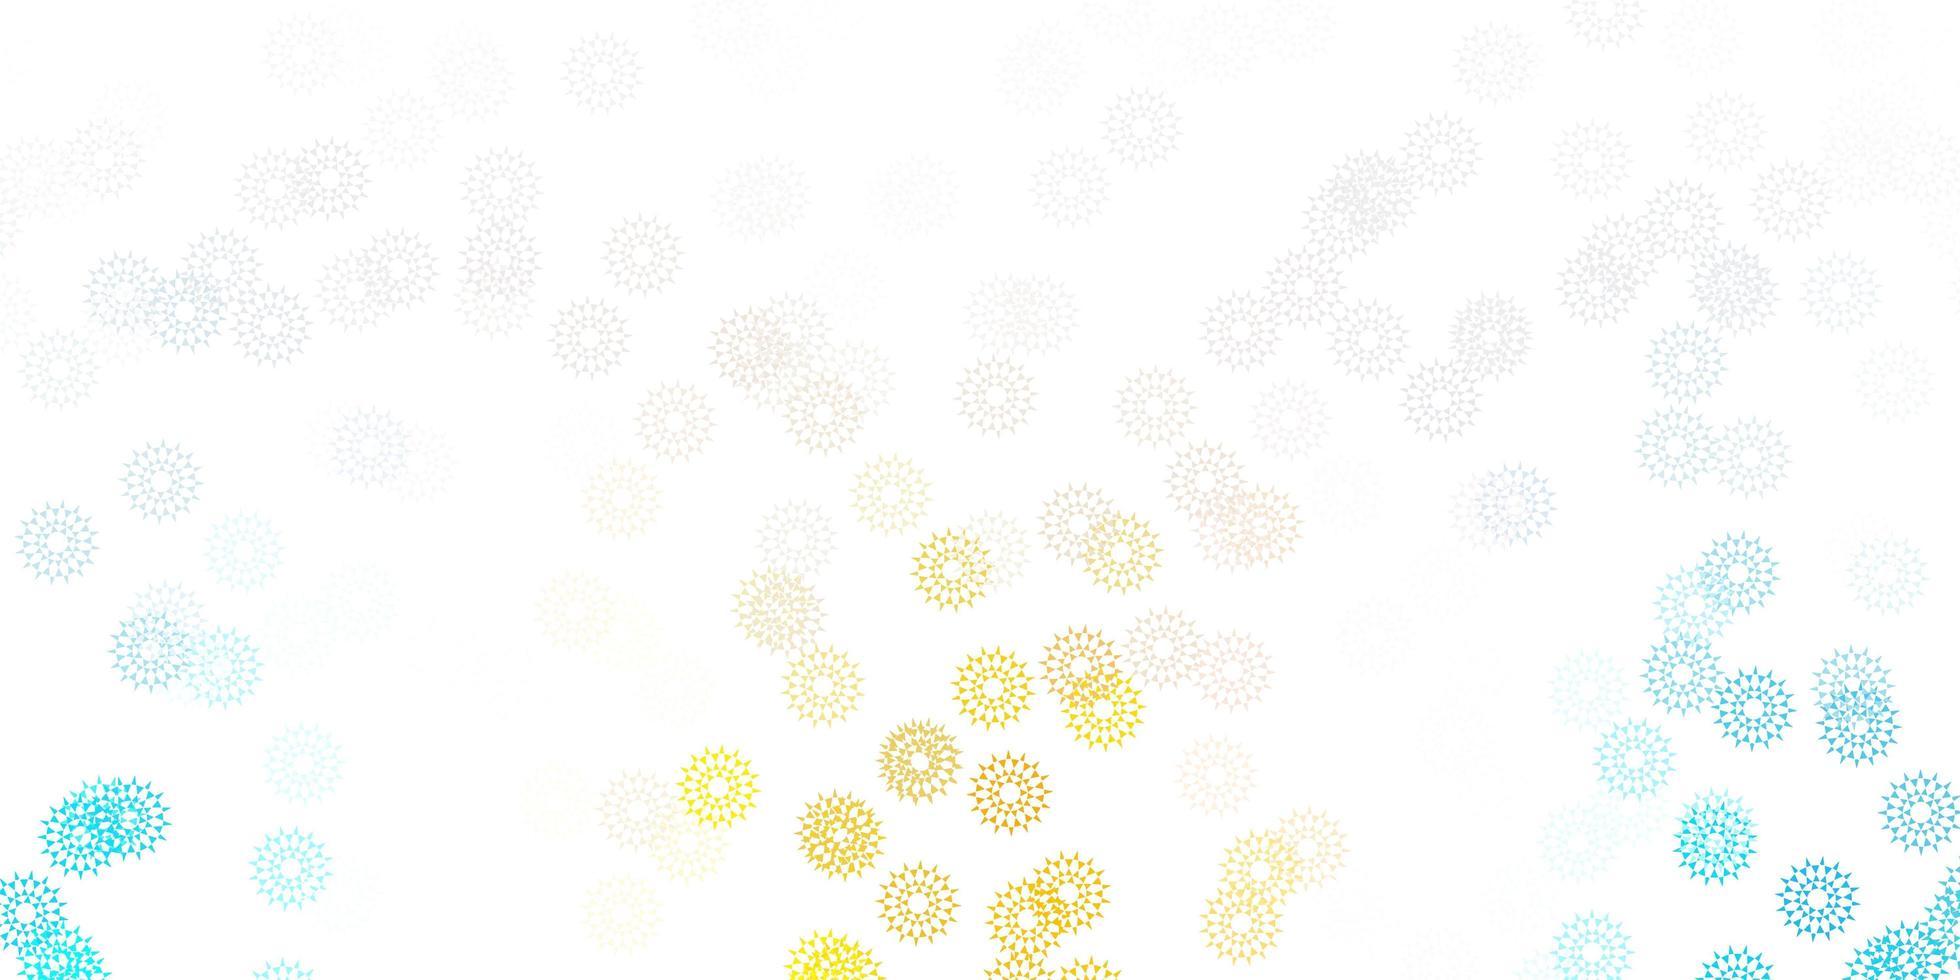 ilustraciones naturales de vector azul claro, amarillo con flores.